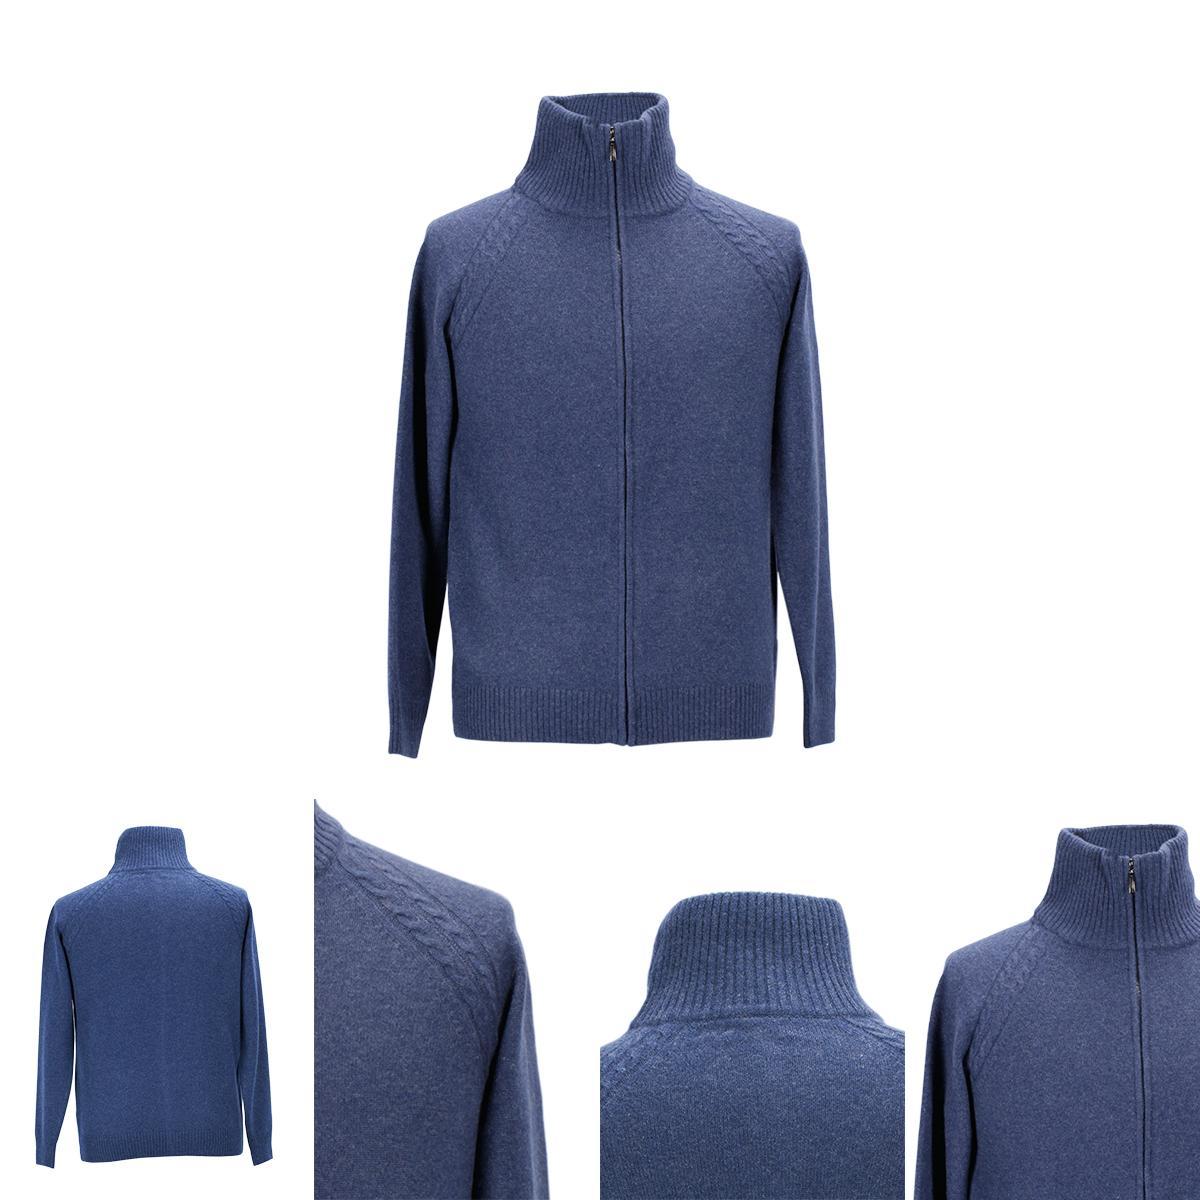 EM16W006 cashmere sweater 4